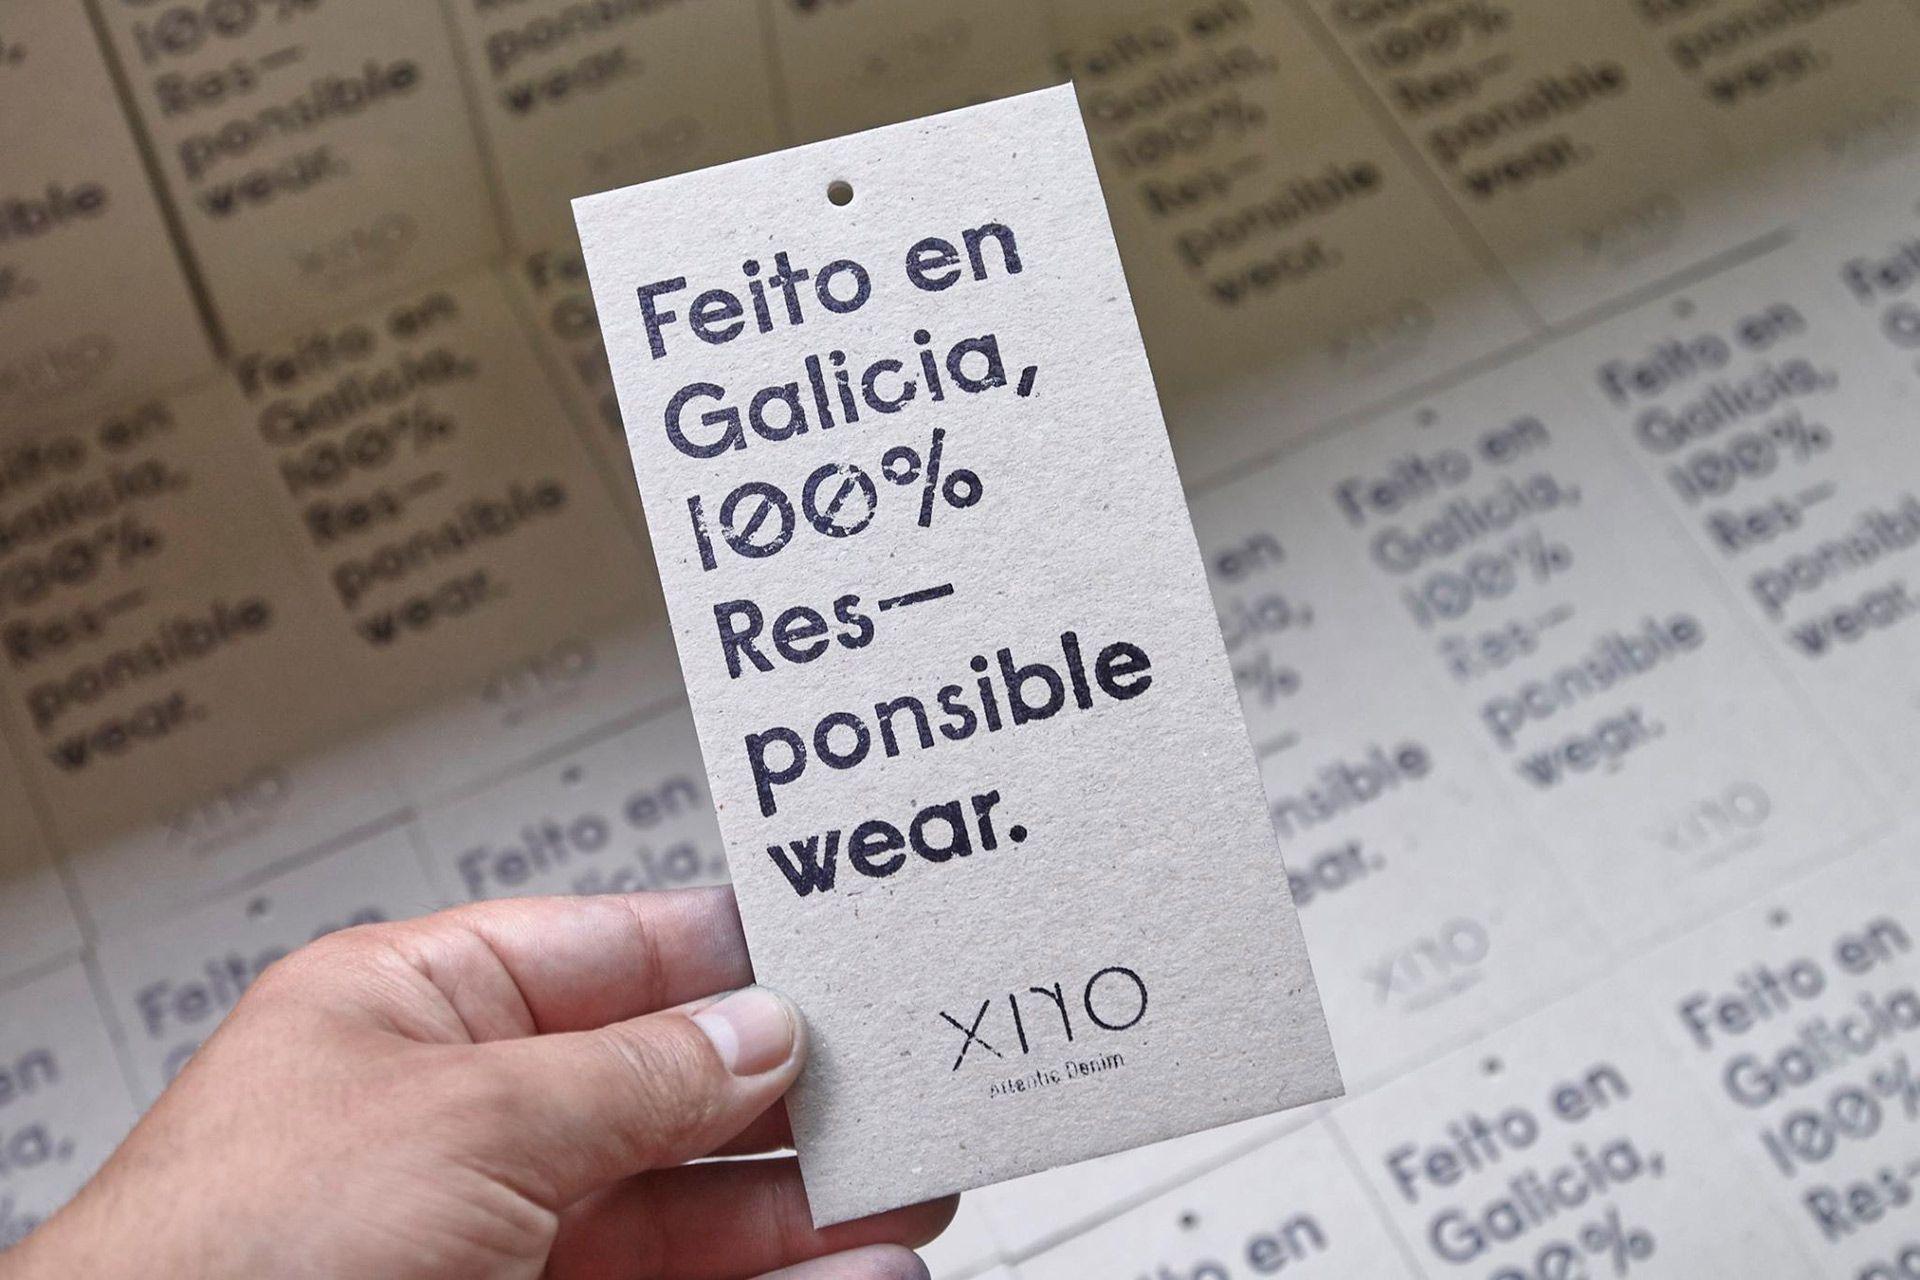 Feito en Galicia